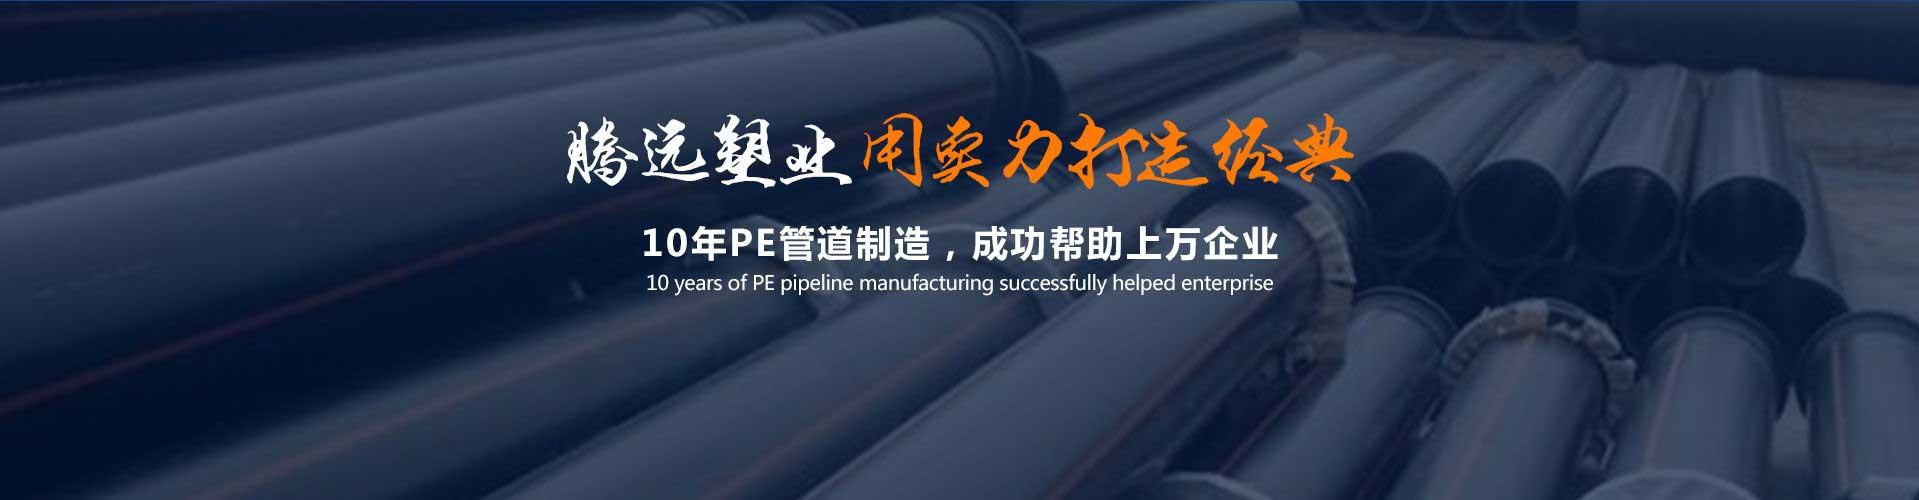 河北腾远塑料制品有限公司